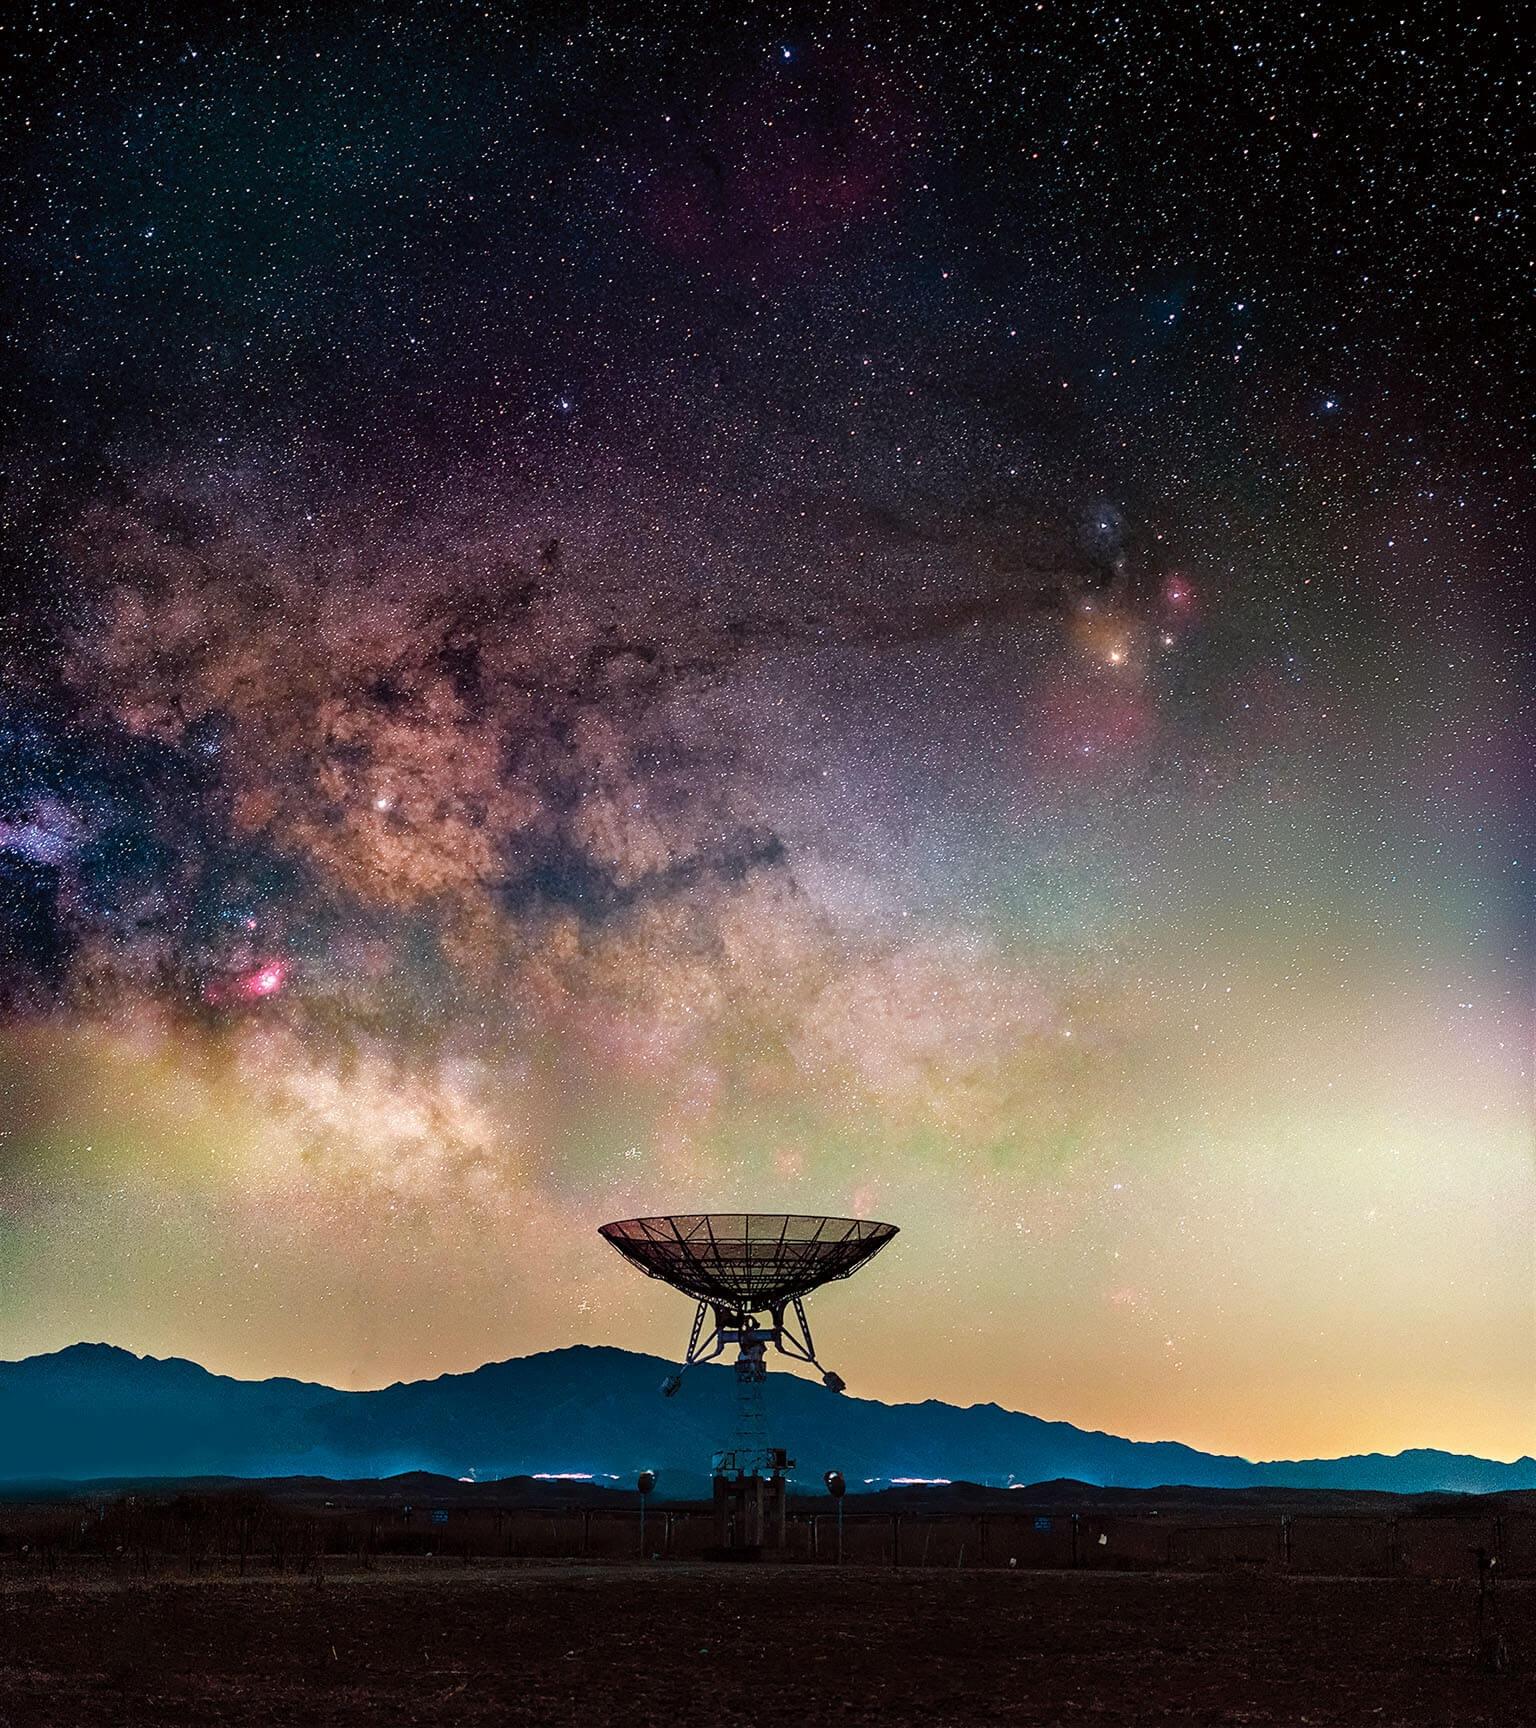 中國,不老屯鎮一座位於密雲觀測站的小型電波望遠鏡為中國科學院接收太空探索的數據。這裡距離北京市不遠,因此經常充斥著光害。這張照片是「我們挑選了在當年最暗的時候、捕捉到的最燦爛星空。」于海童說。攝影:于海童